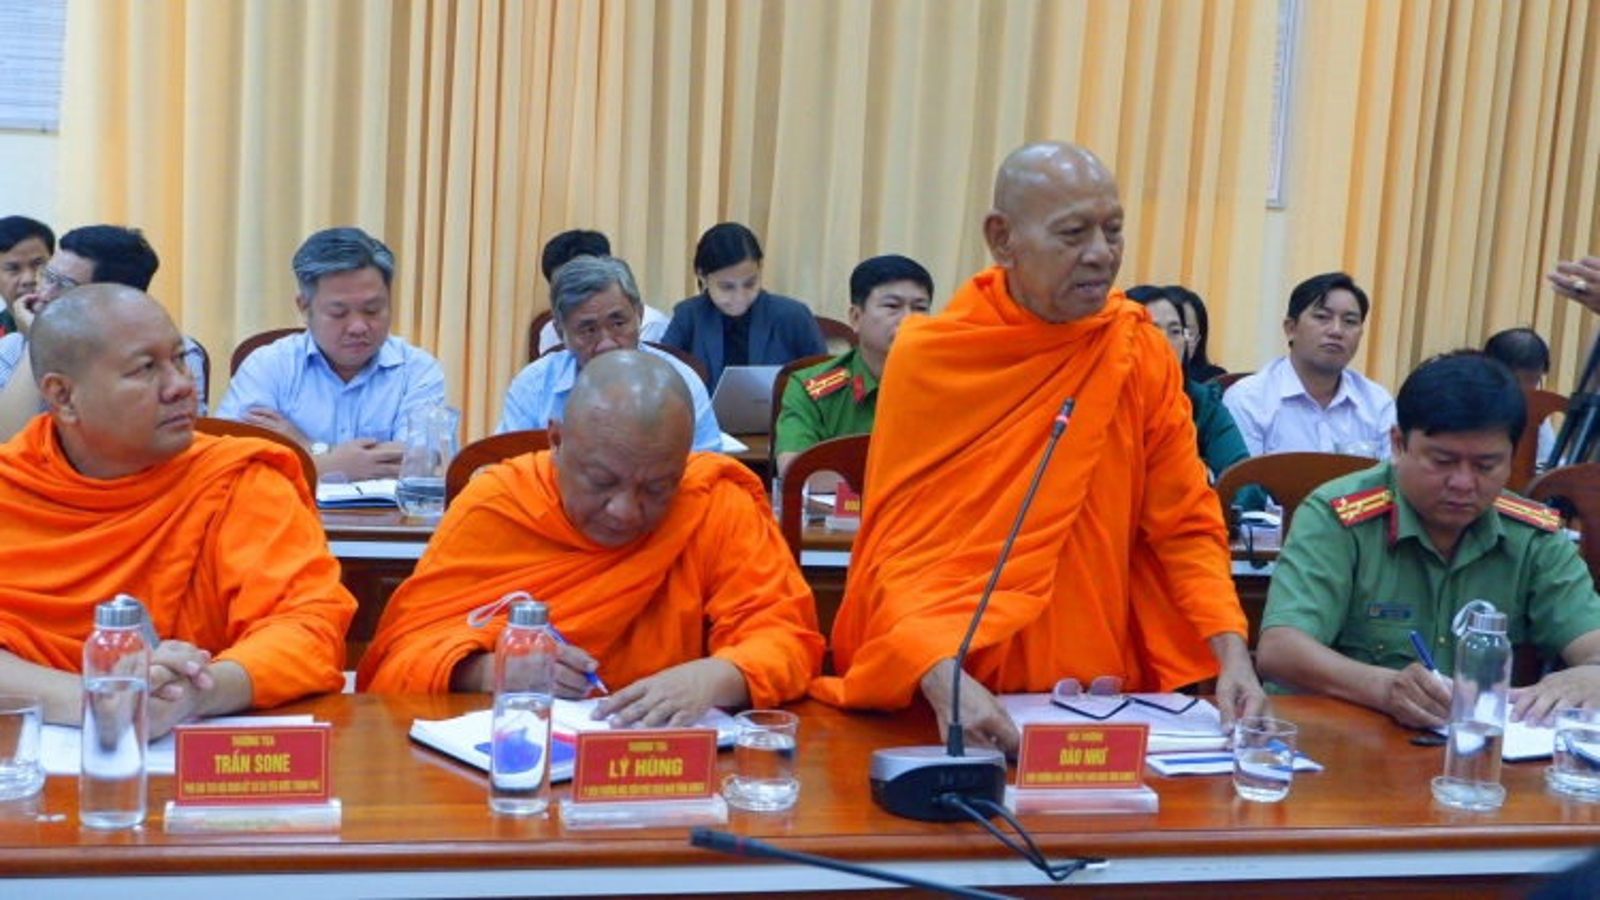 Cần Thơ tổ chức Tết Quân dân mừng Chôl Chnăm Thmâycho đồng bào Khmer